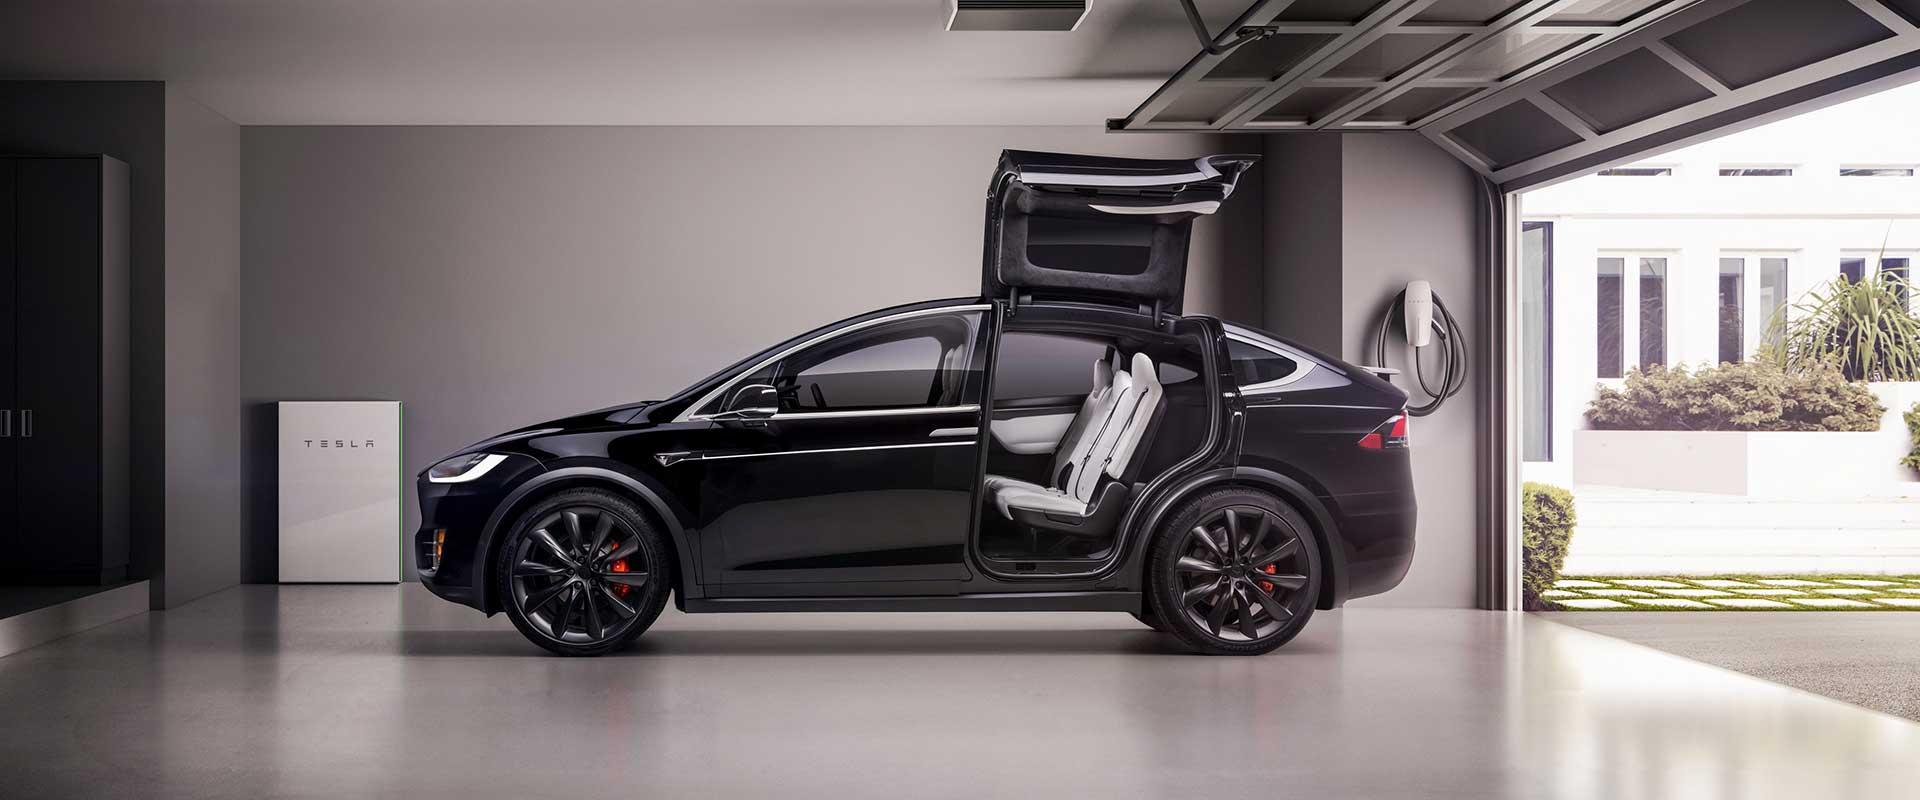 Tesla Electric vehicle charger